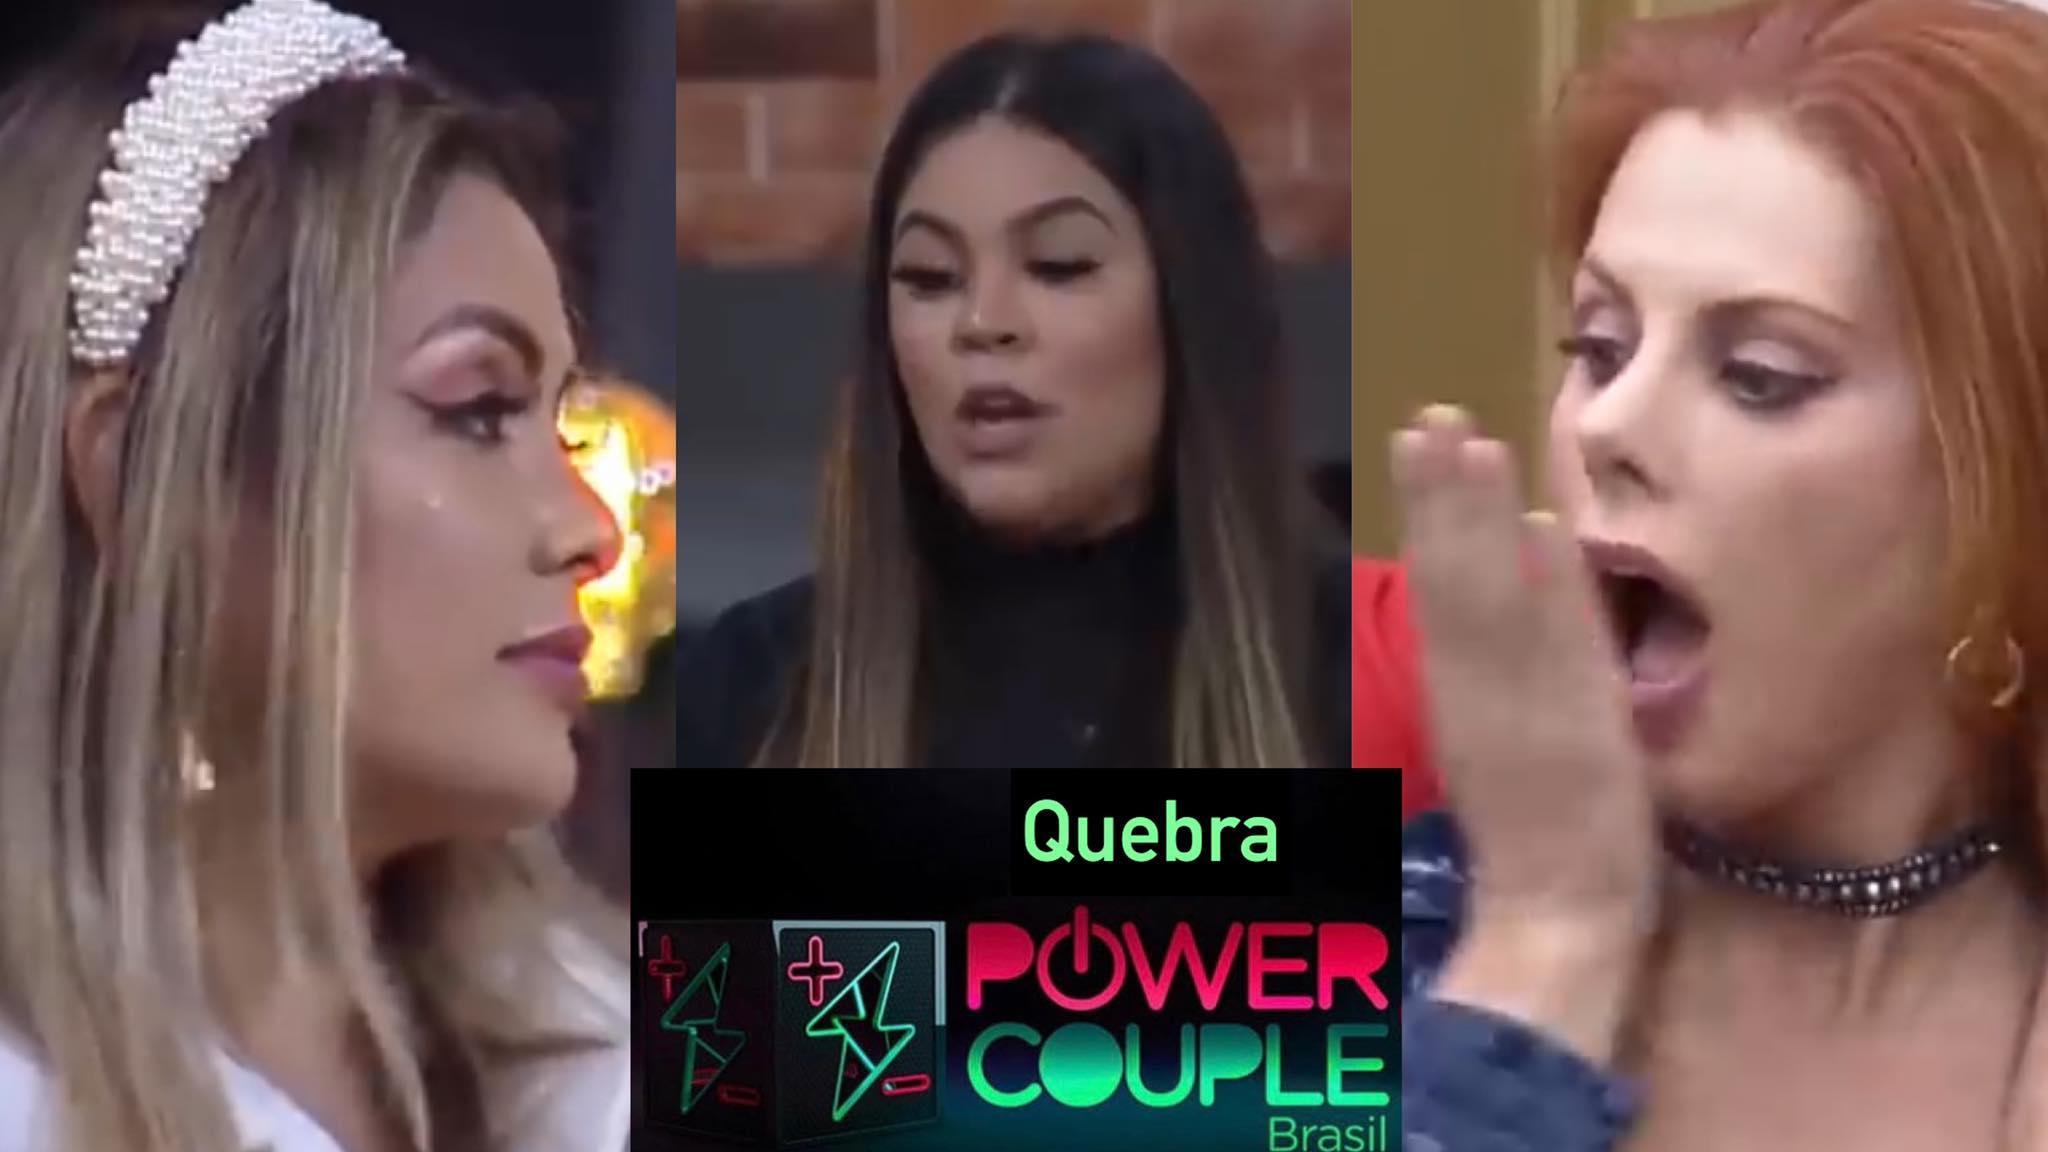 """Power Couple, Li Martins e Deborah ganham cartas """"indesejáveis"""" no Power Couple (montagem: Fashion Bubbles)"""